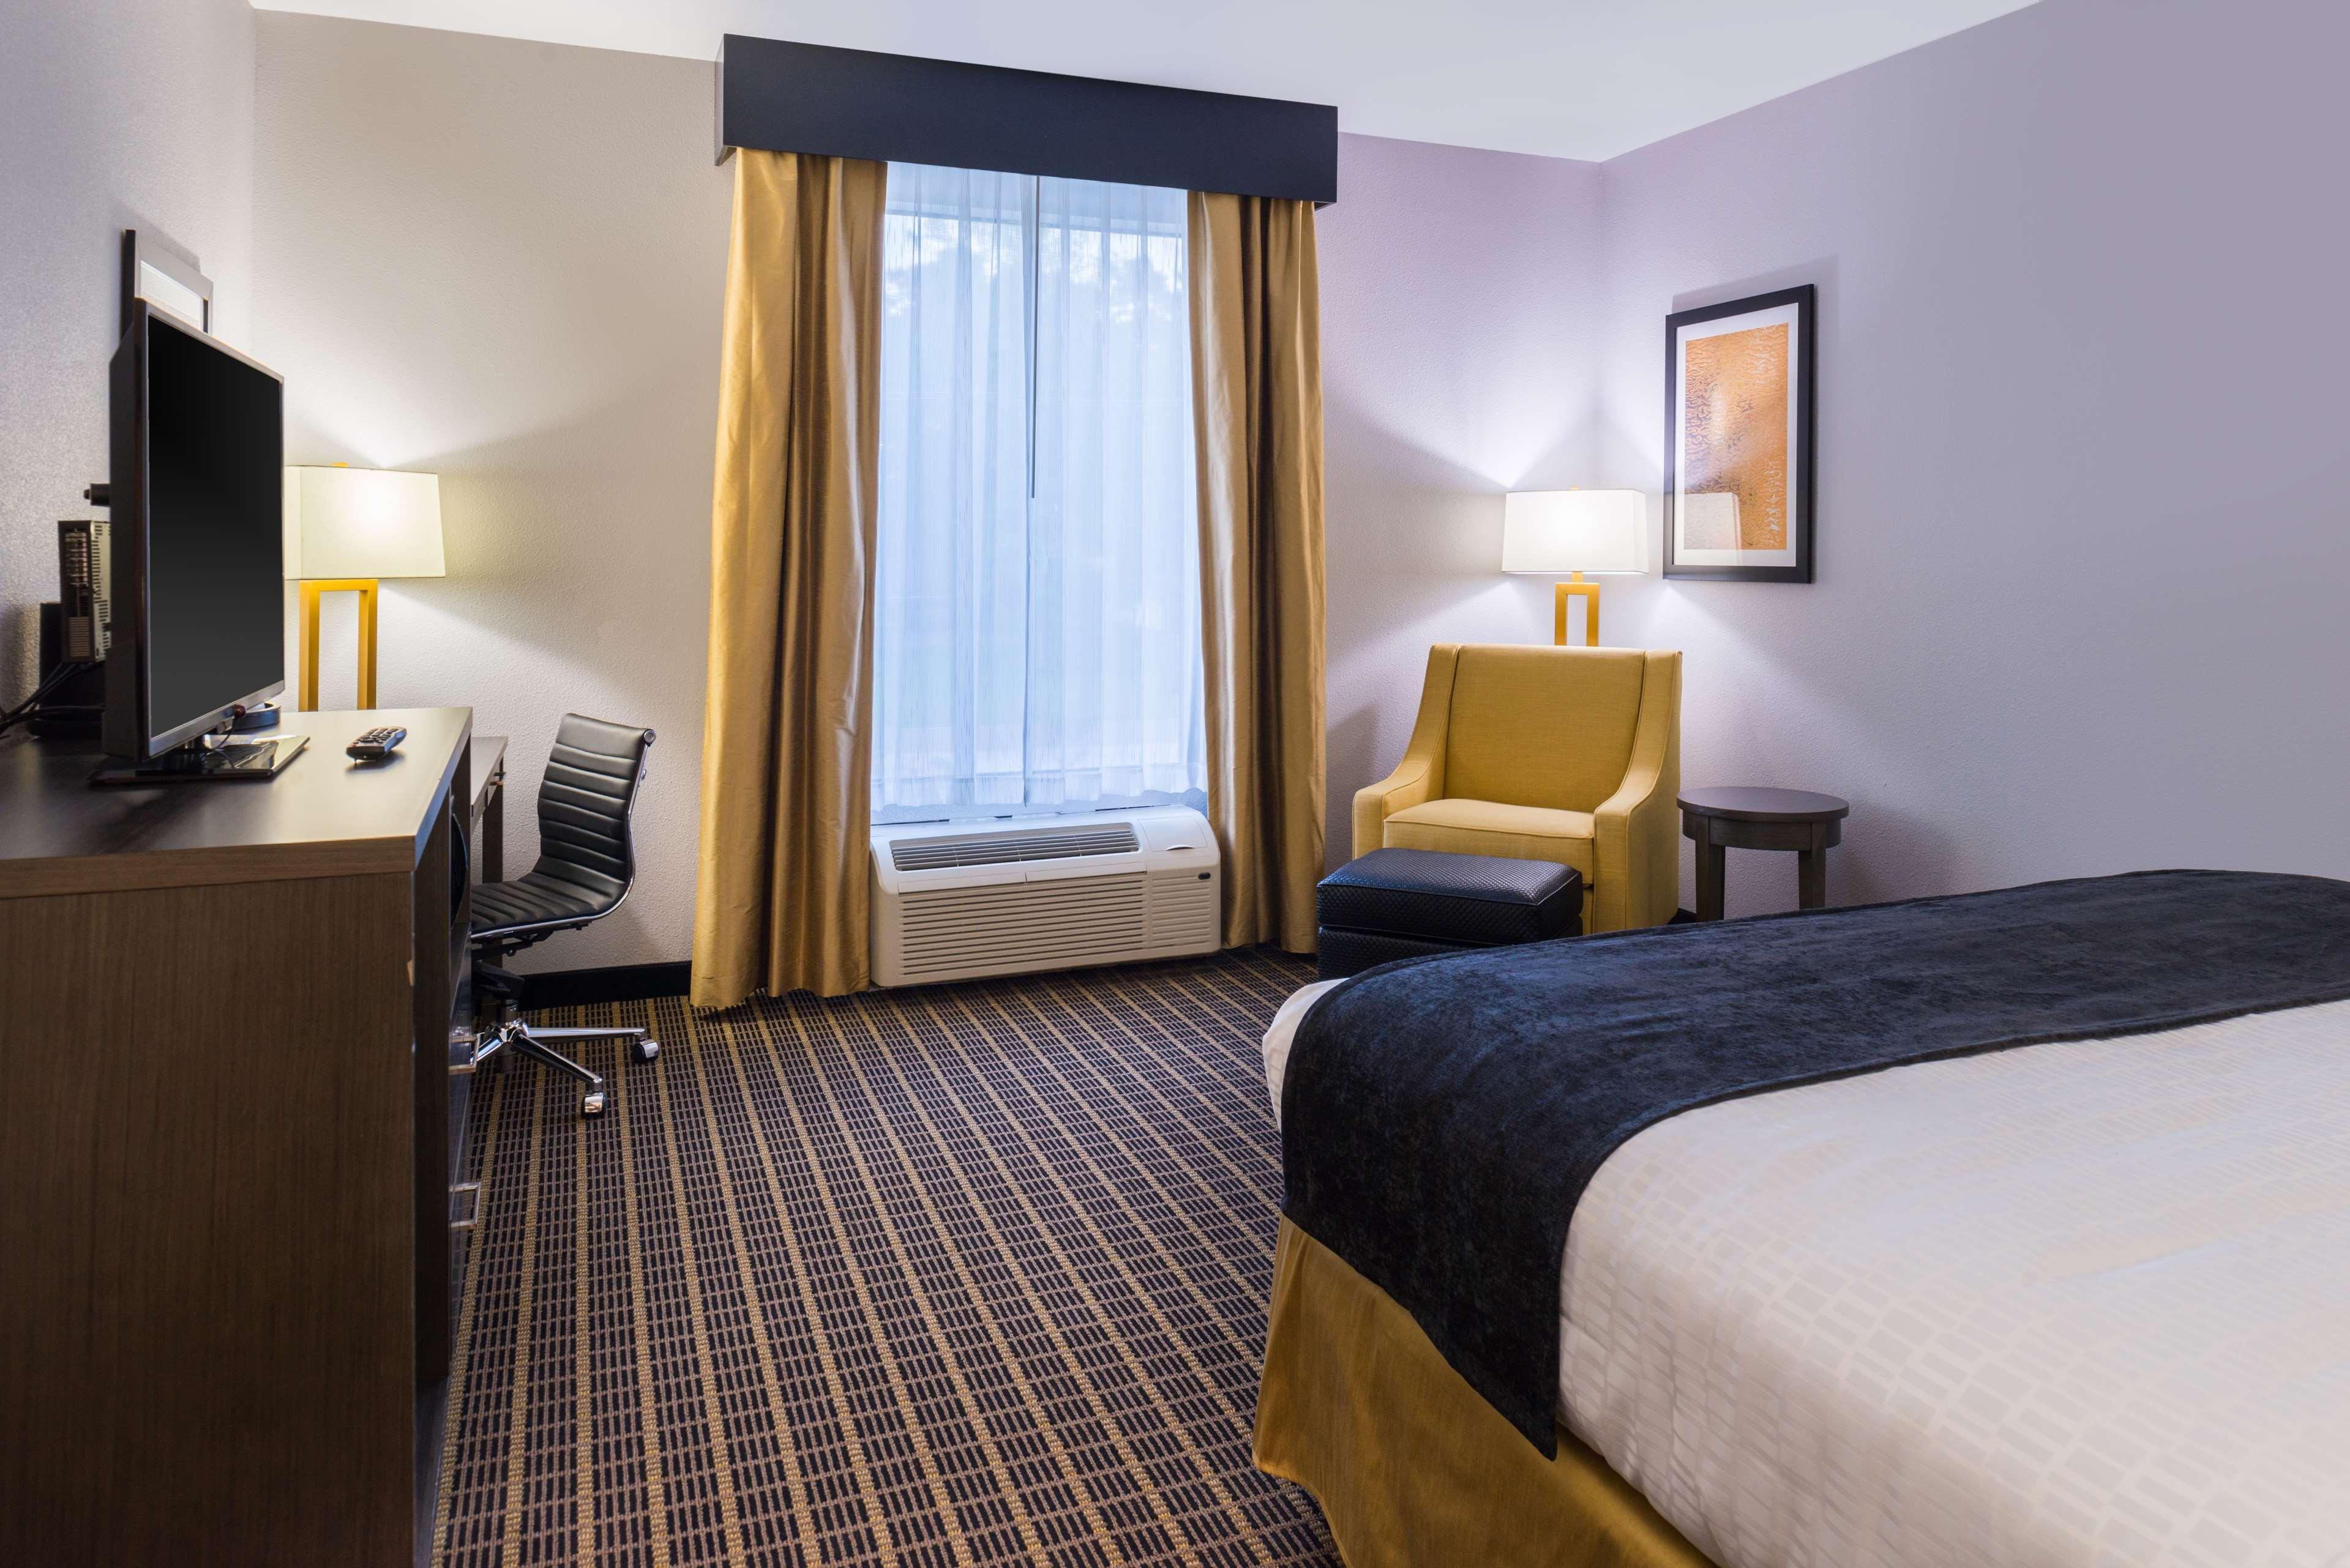 Best Western Plus Regency Park Hotel image 39